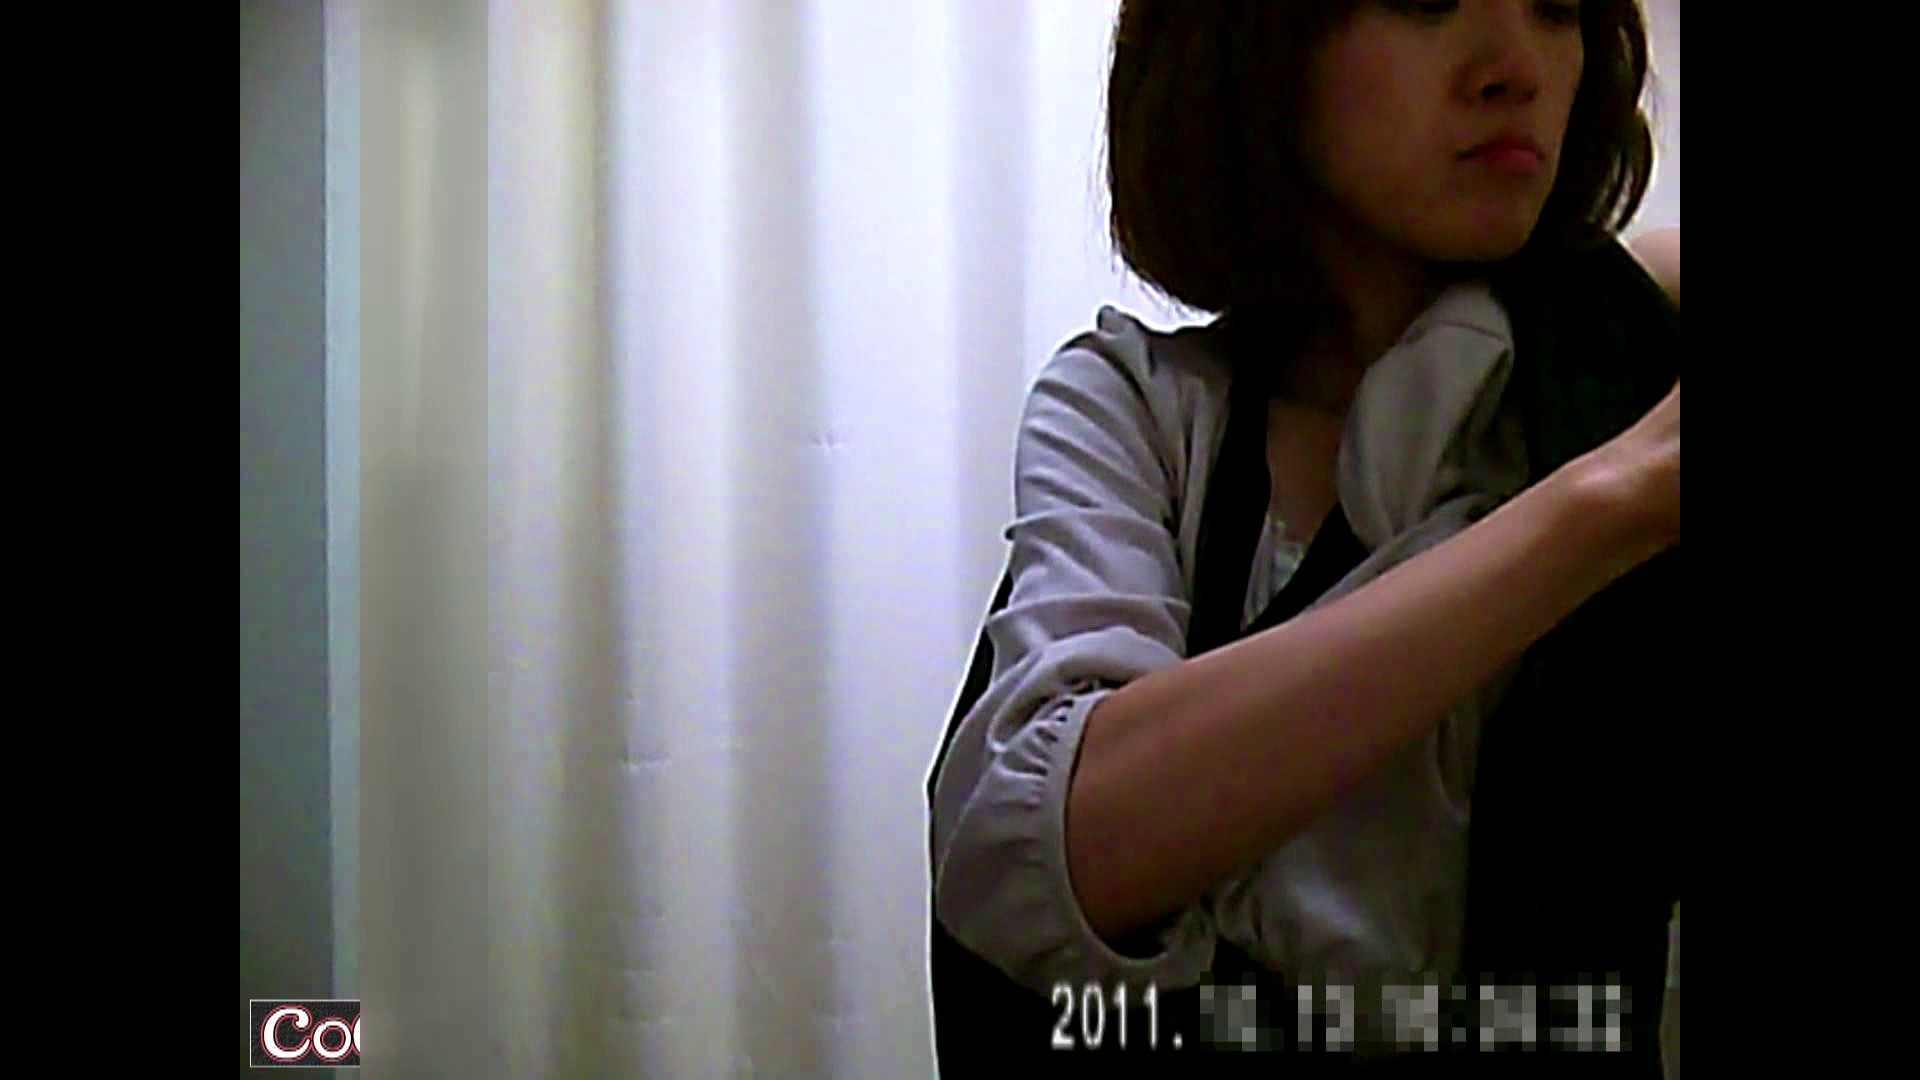 病院おもいっきり着替え! vol.58 盗撮師作品 AV動画キャプチャ 102pic 94